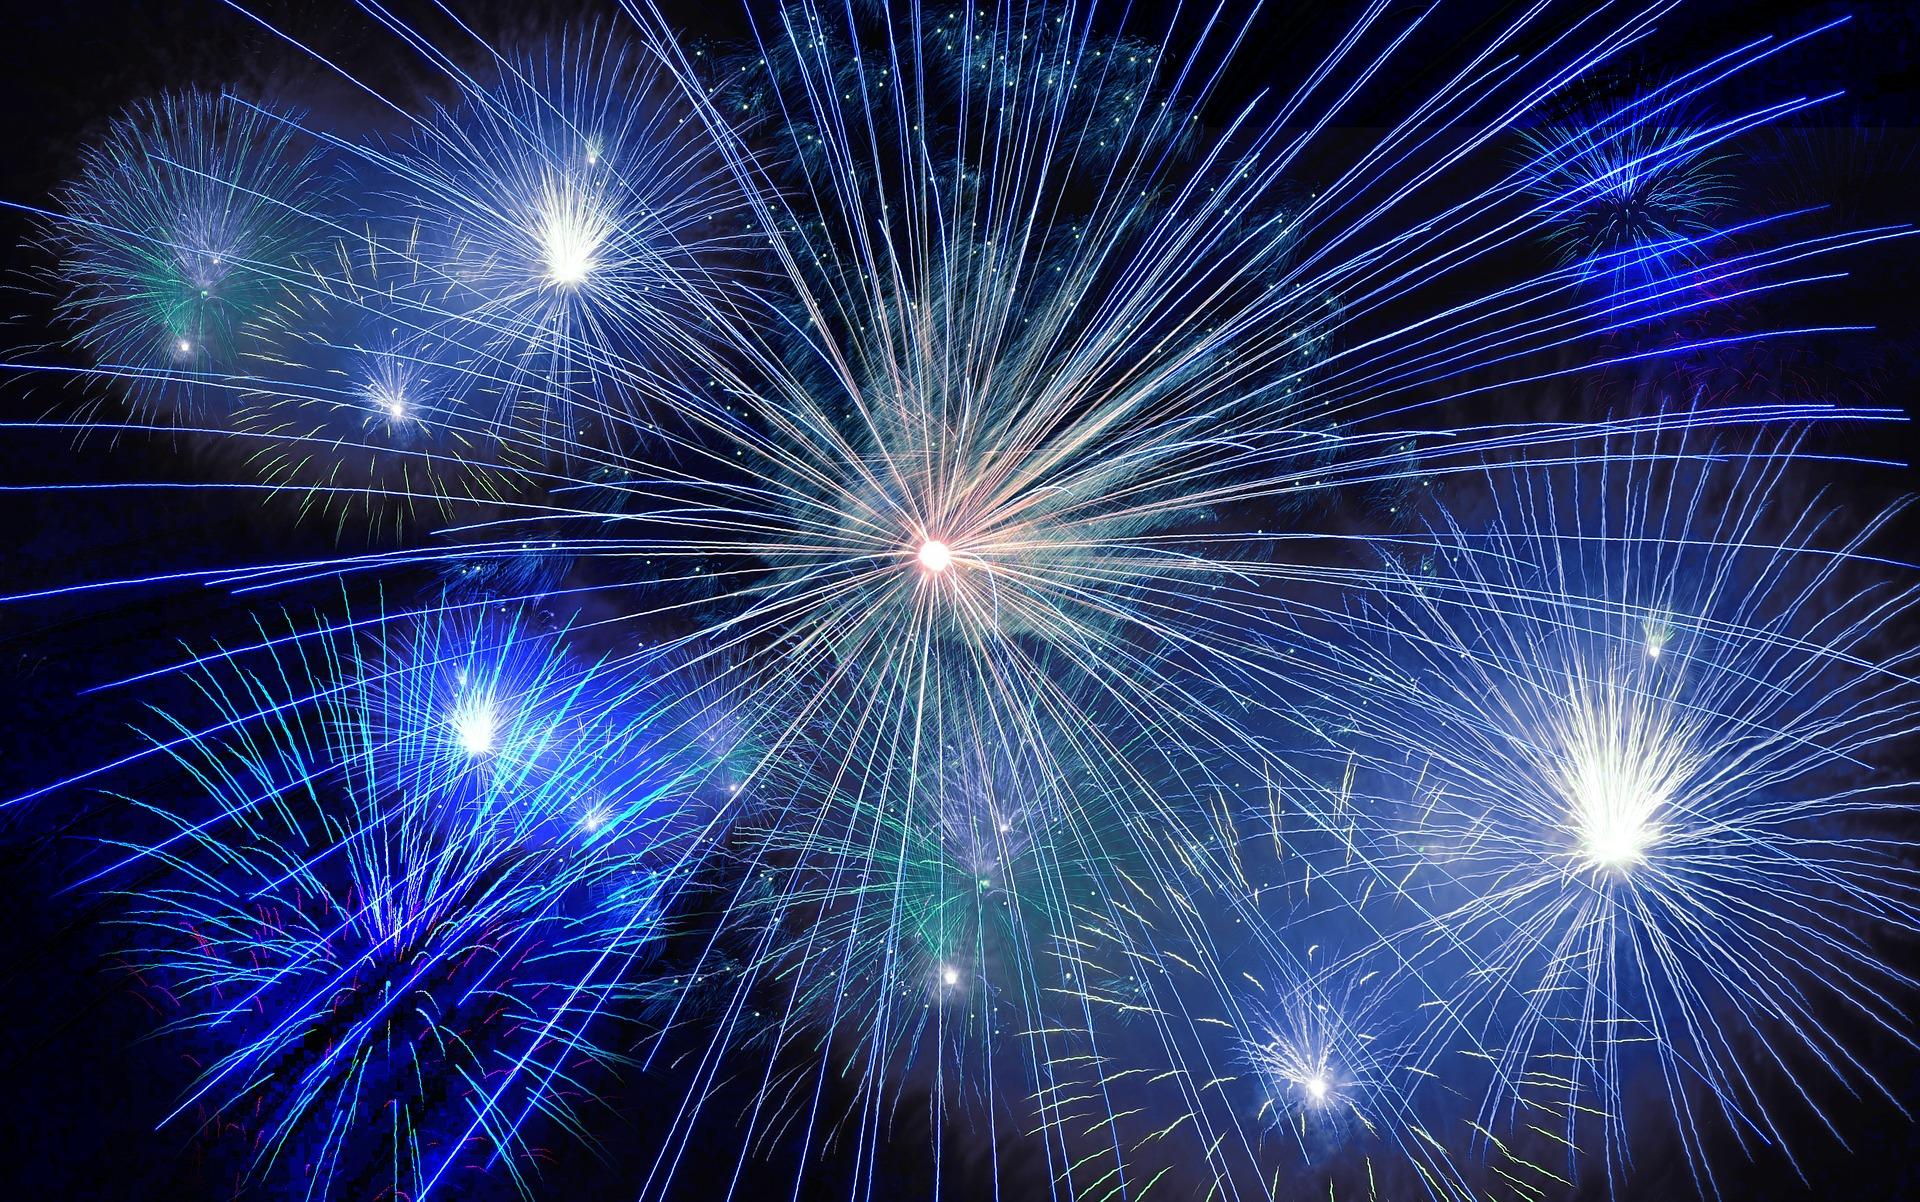 W5_fireworks-574739_1920.jpg